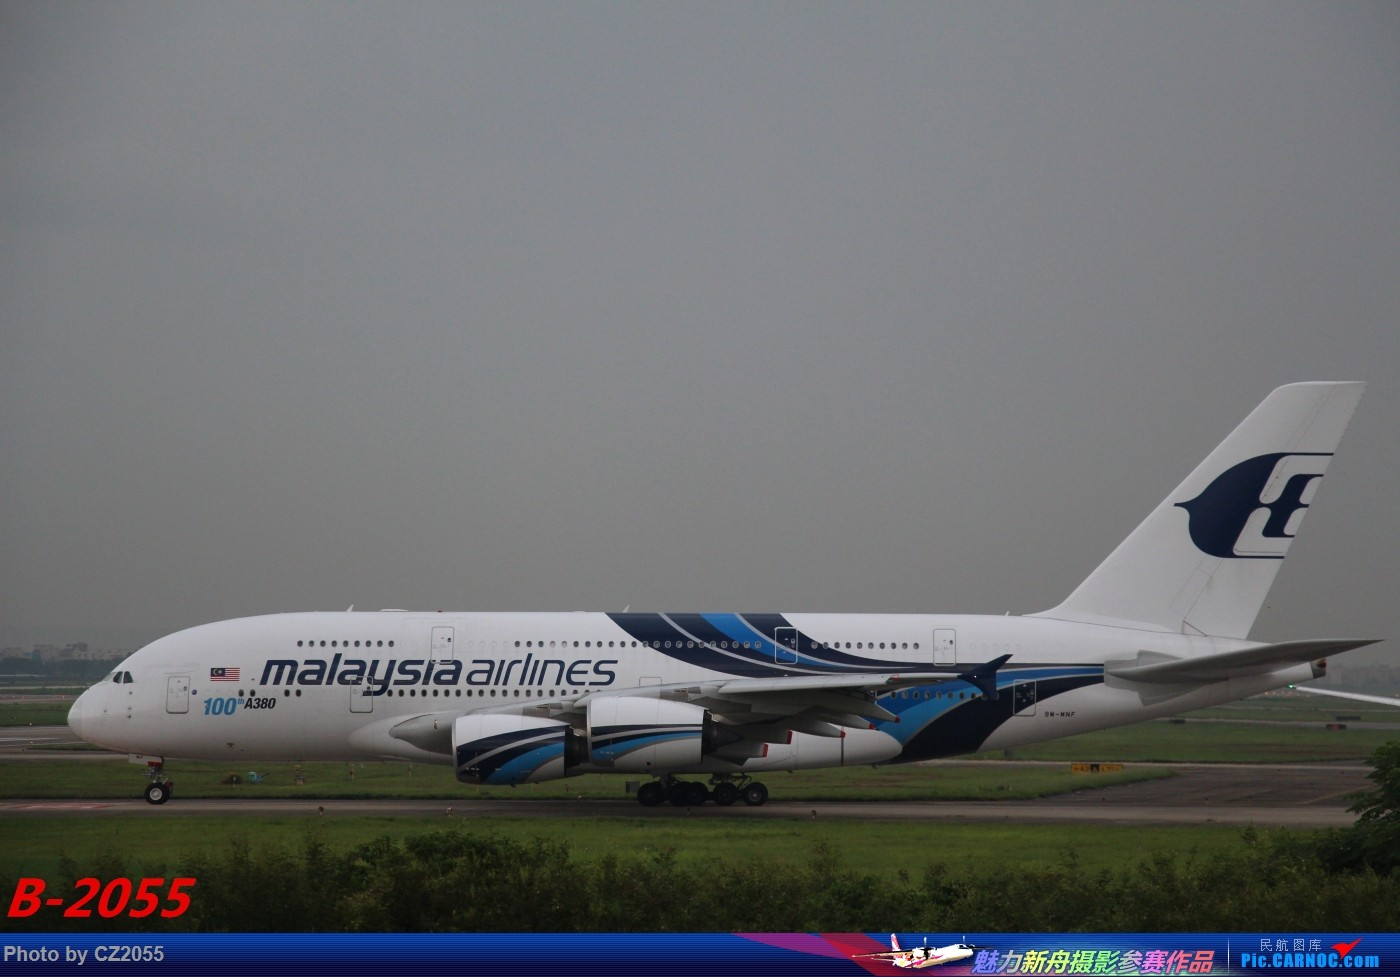 【广东青少年拍机小队】【C-Z-2055】马来西亚航空公司 A380-800 9M-MNF [3pics]. AIRBUS A380-800 9M-MNF 中国广州白云国际机场